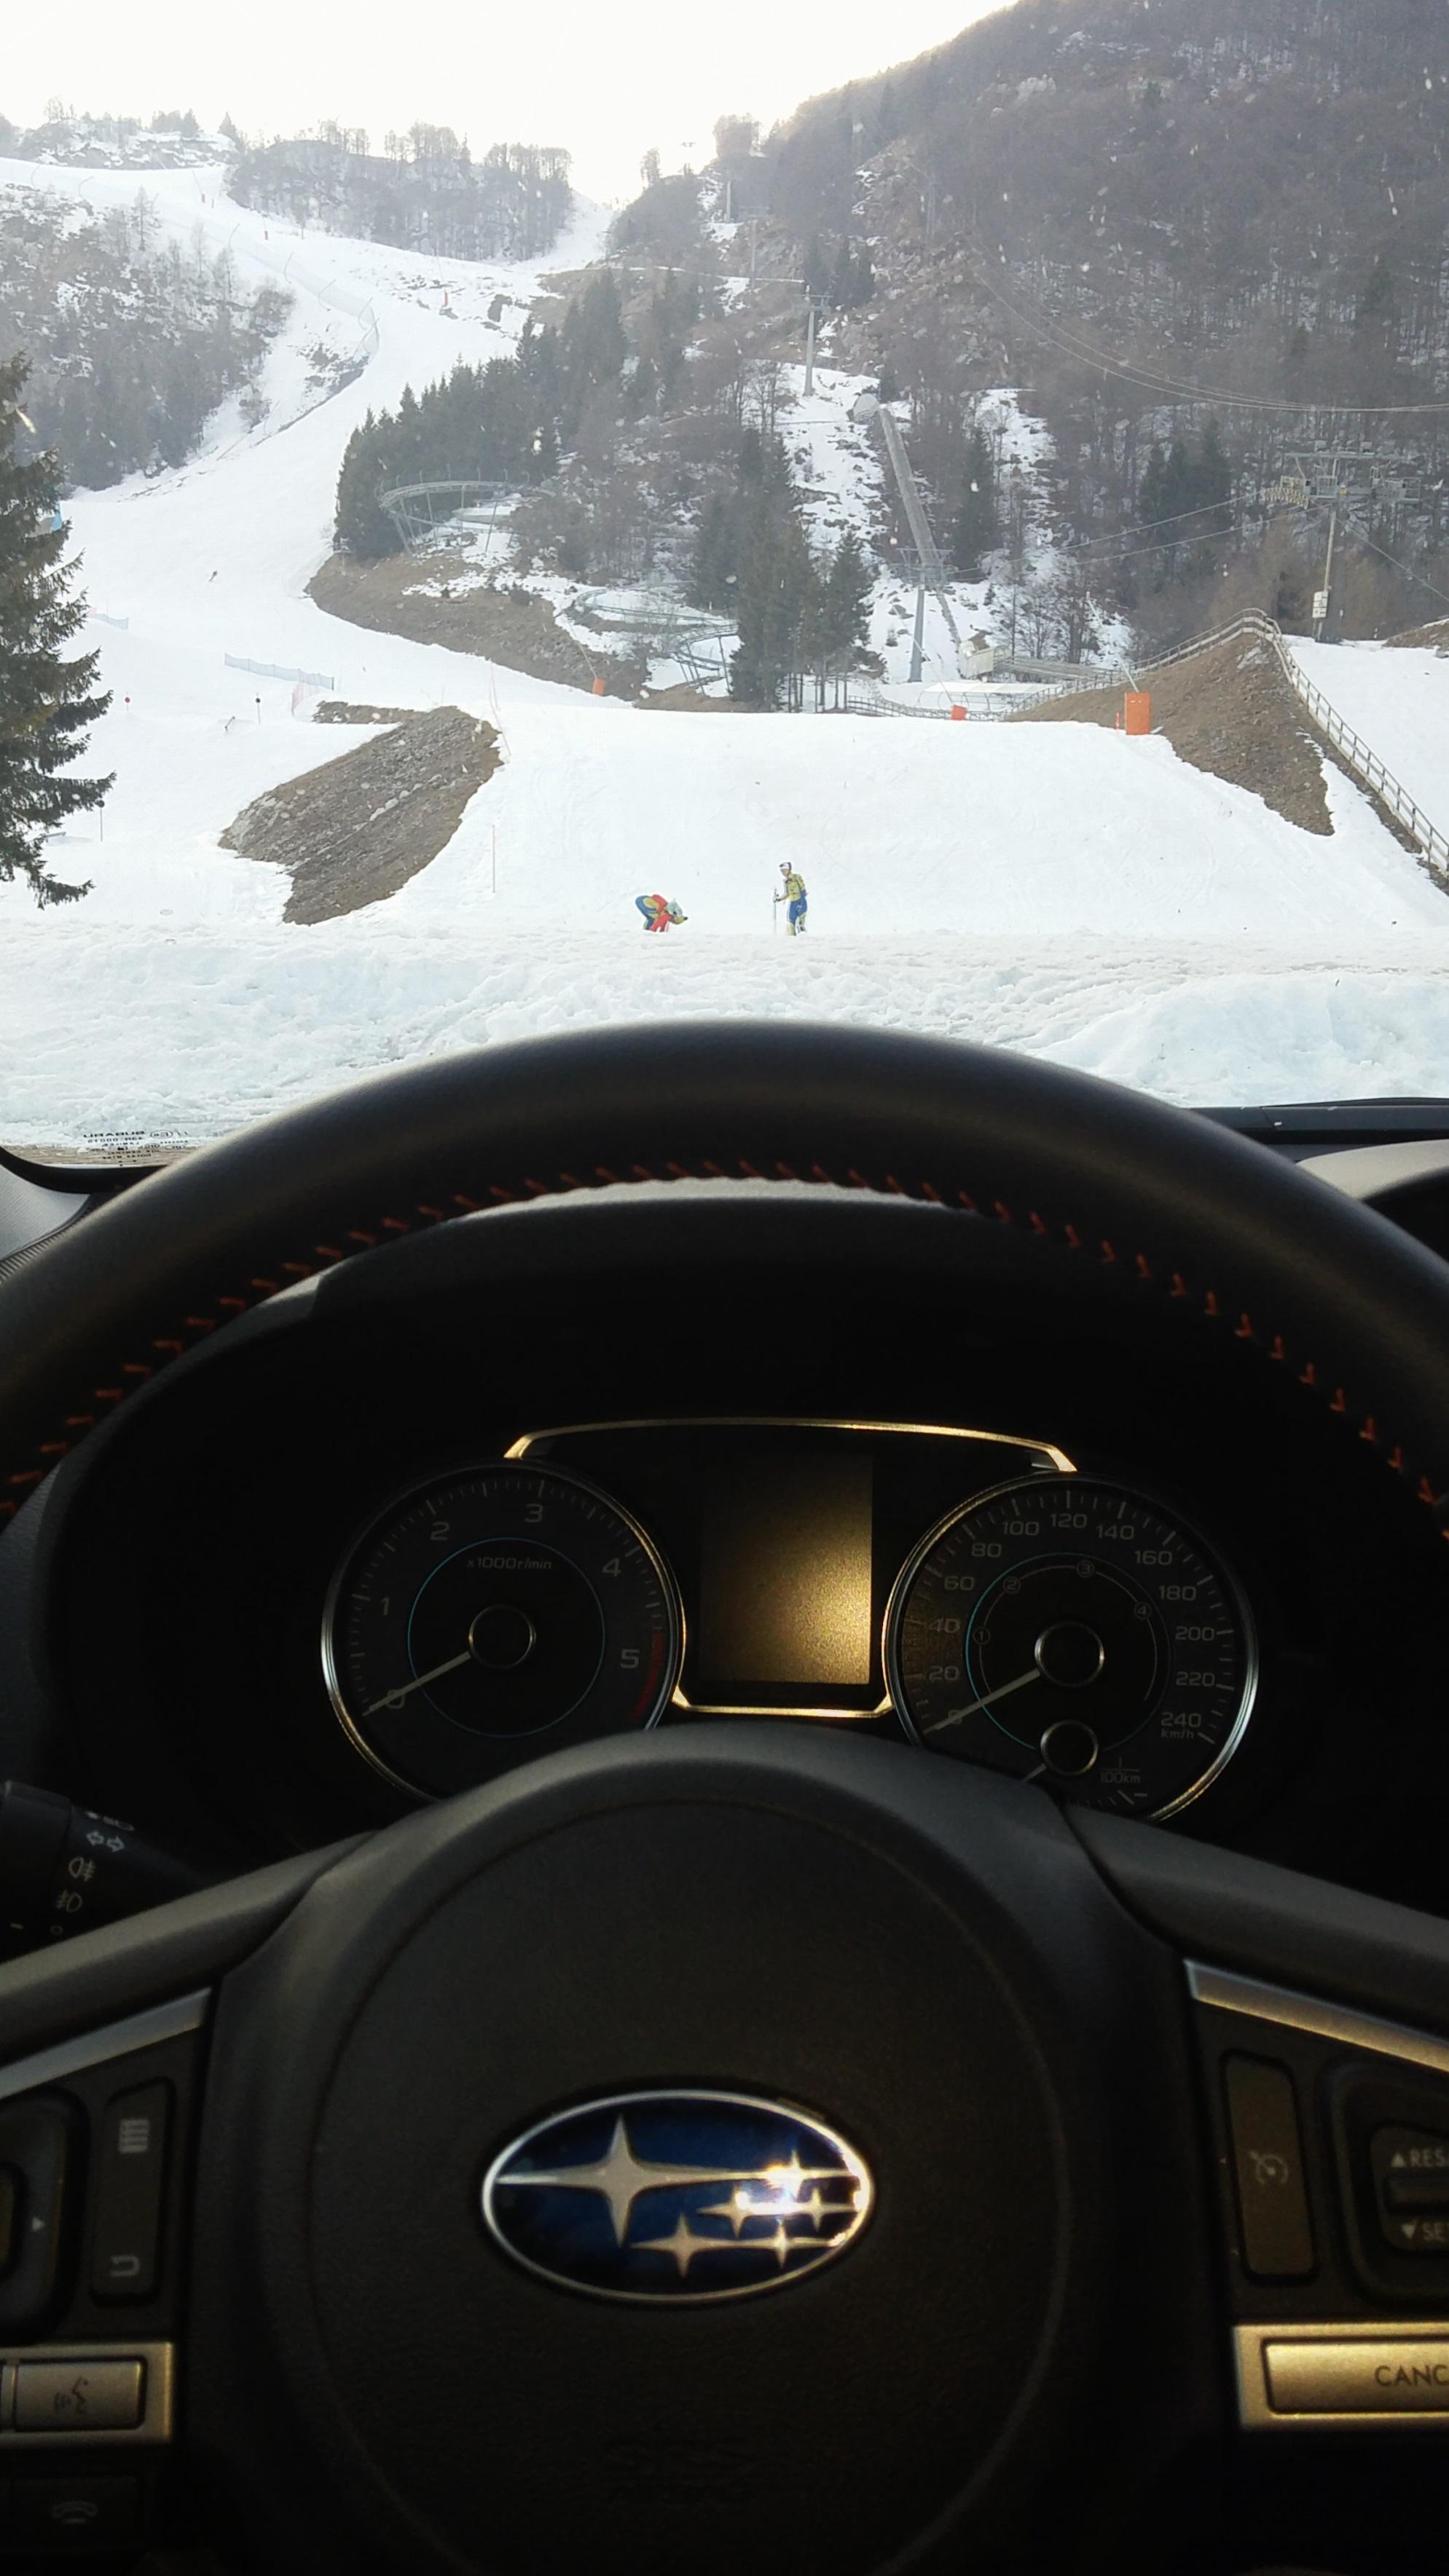 #Subaru XV: cerchiamo il fuoristrada e troviamo la neve #testdrive